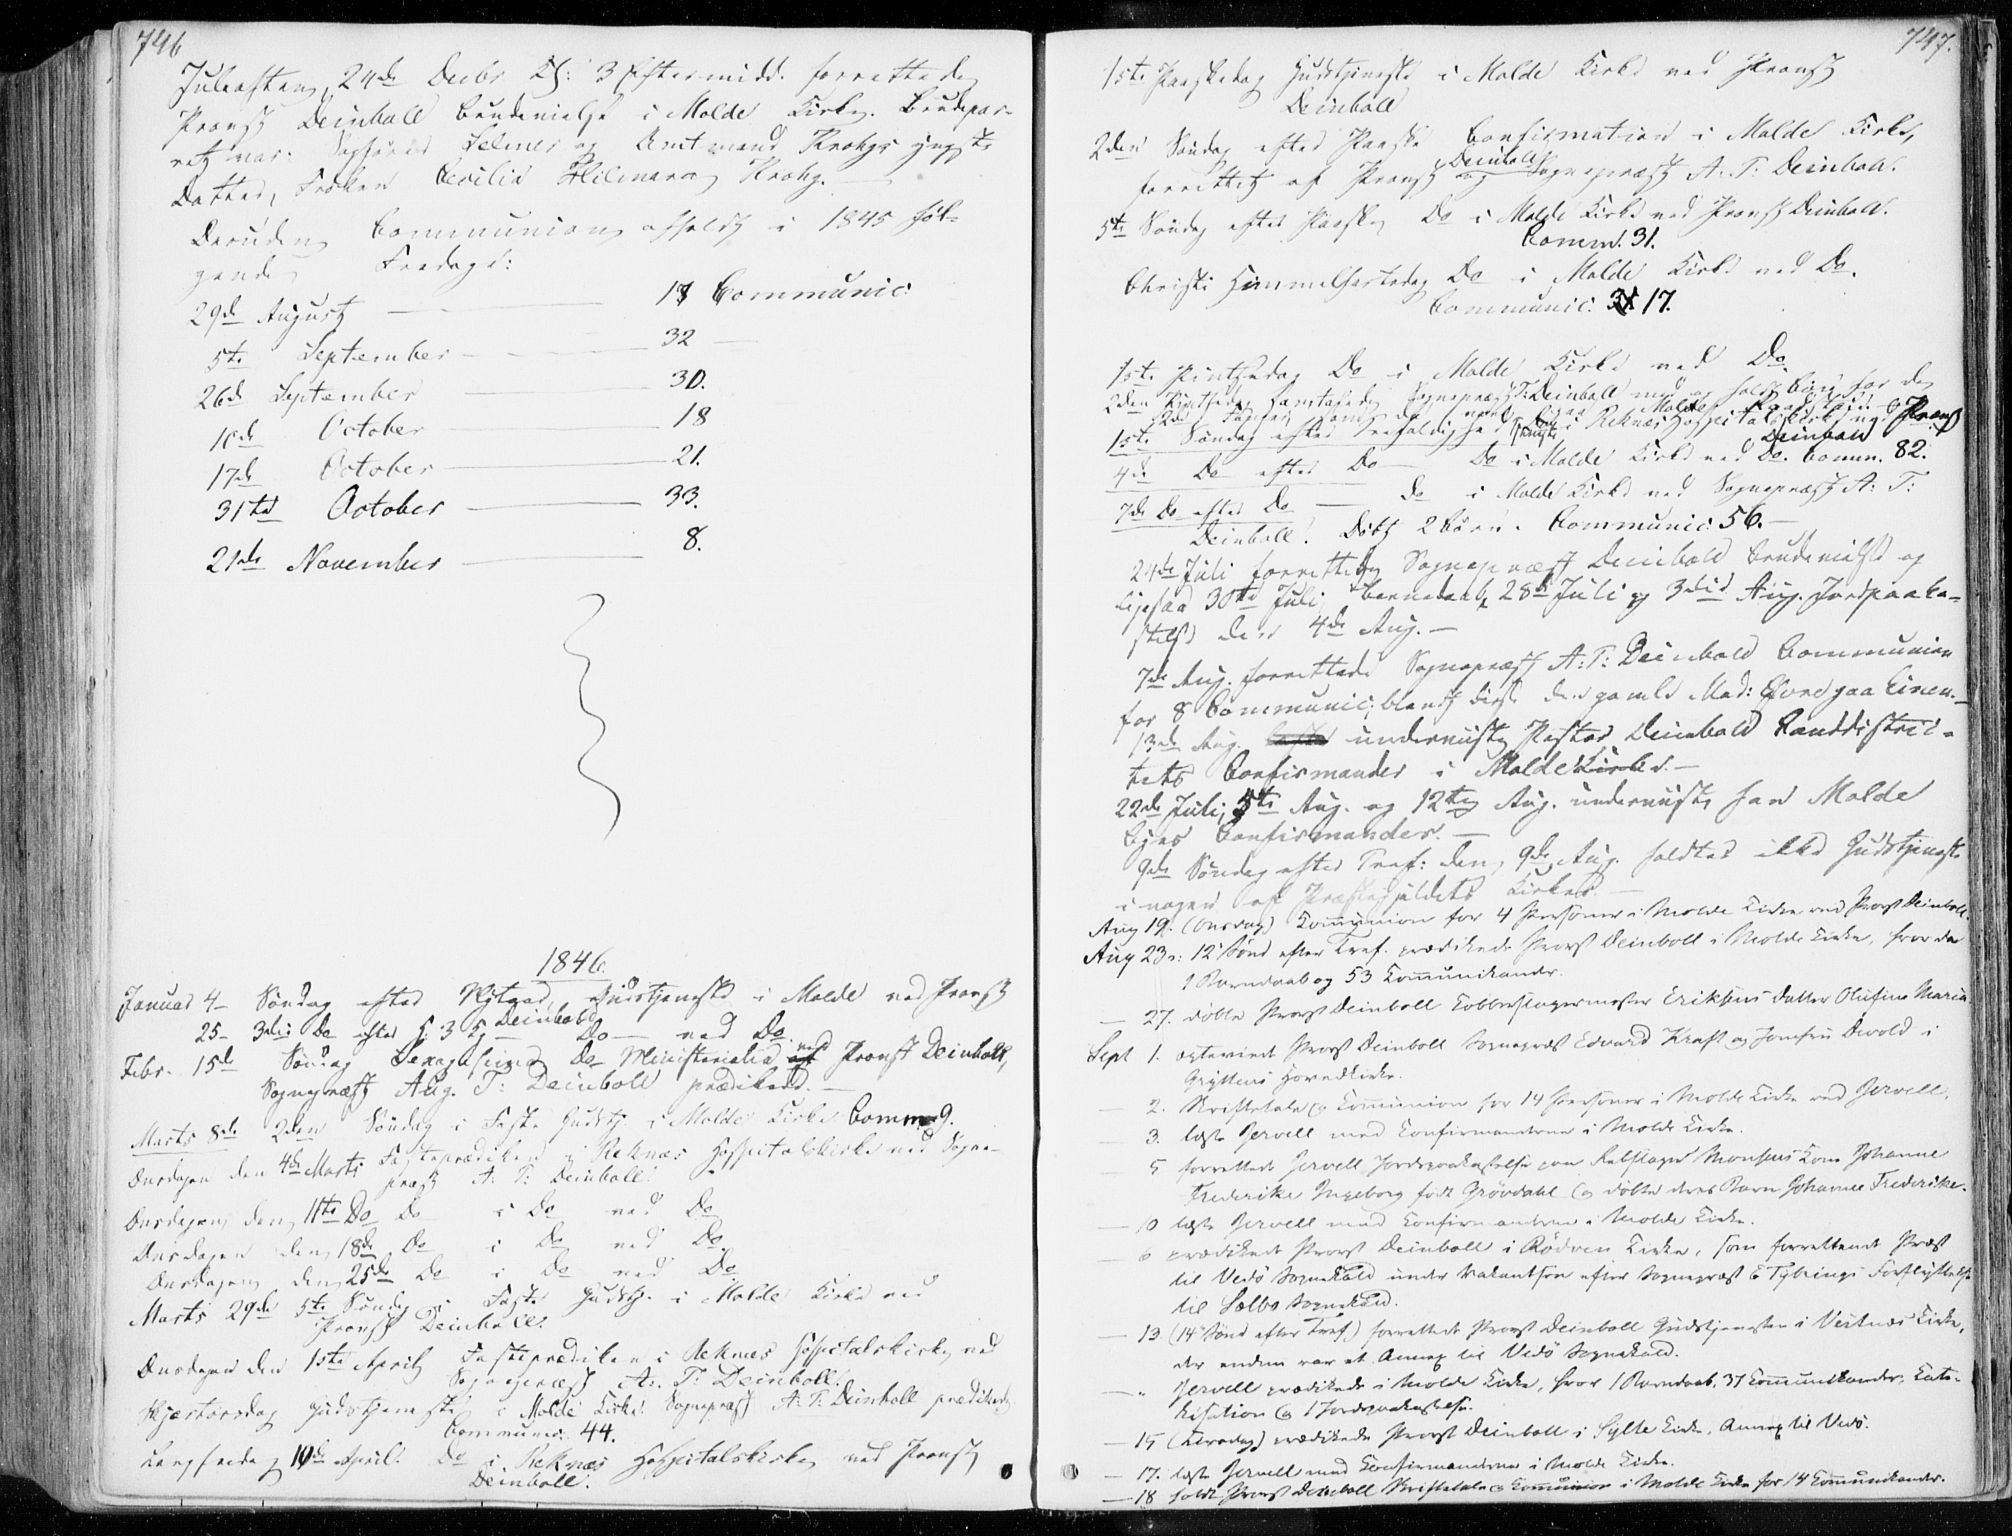 SAT, Ministerialprotokoller, klokkerbøker og fødselsregistre - Møre og Romsdal, 558/L0689: Ministerialbok nr. 558A03, 1843-1872, s. 746-747